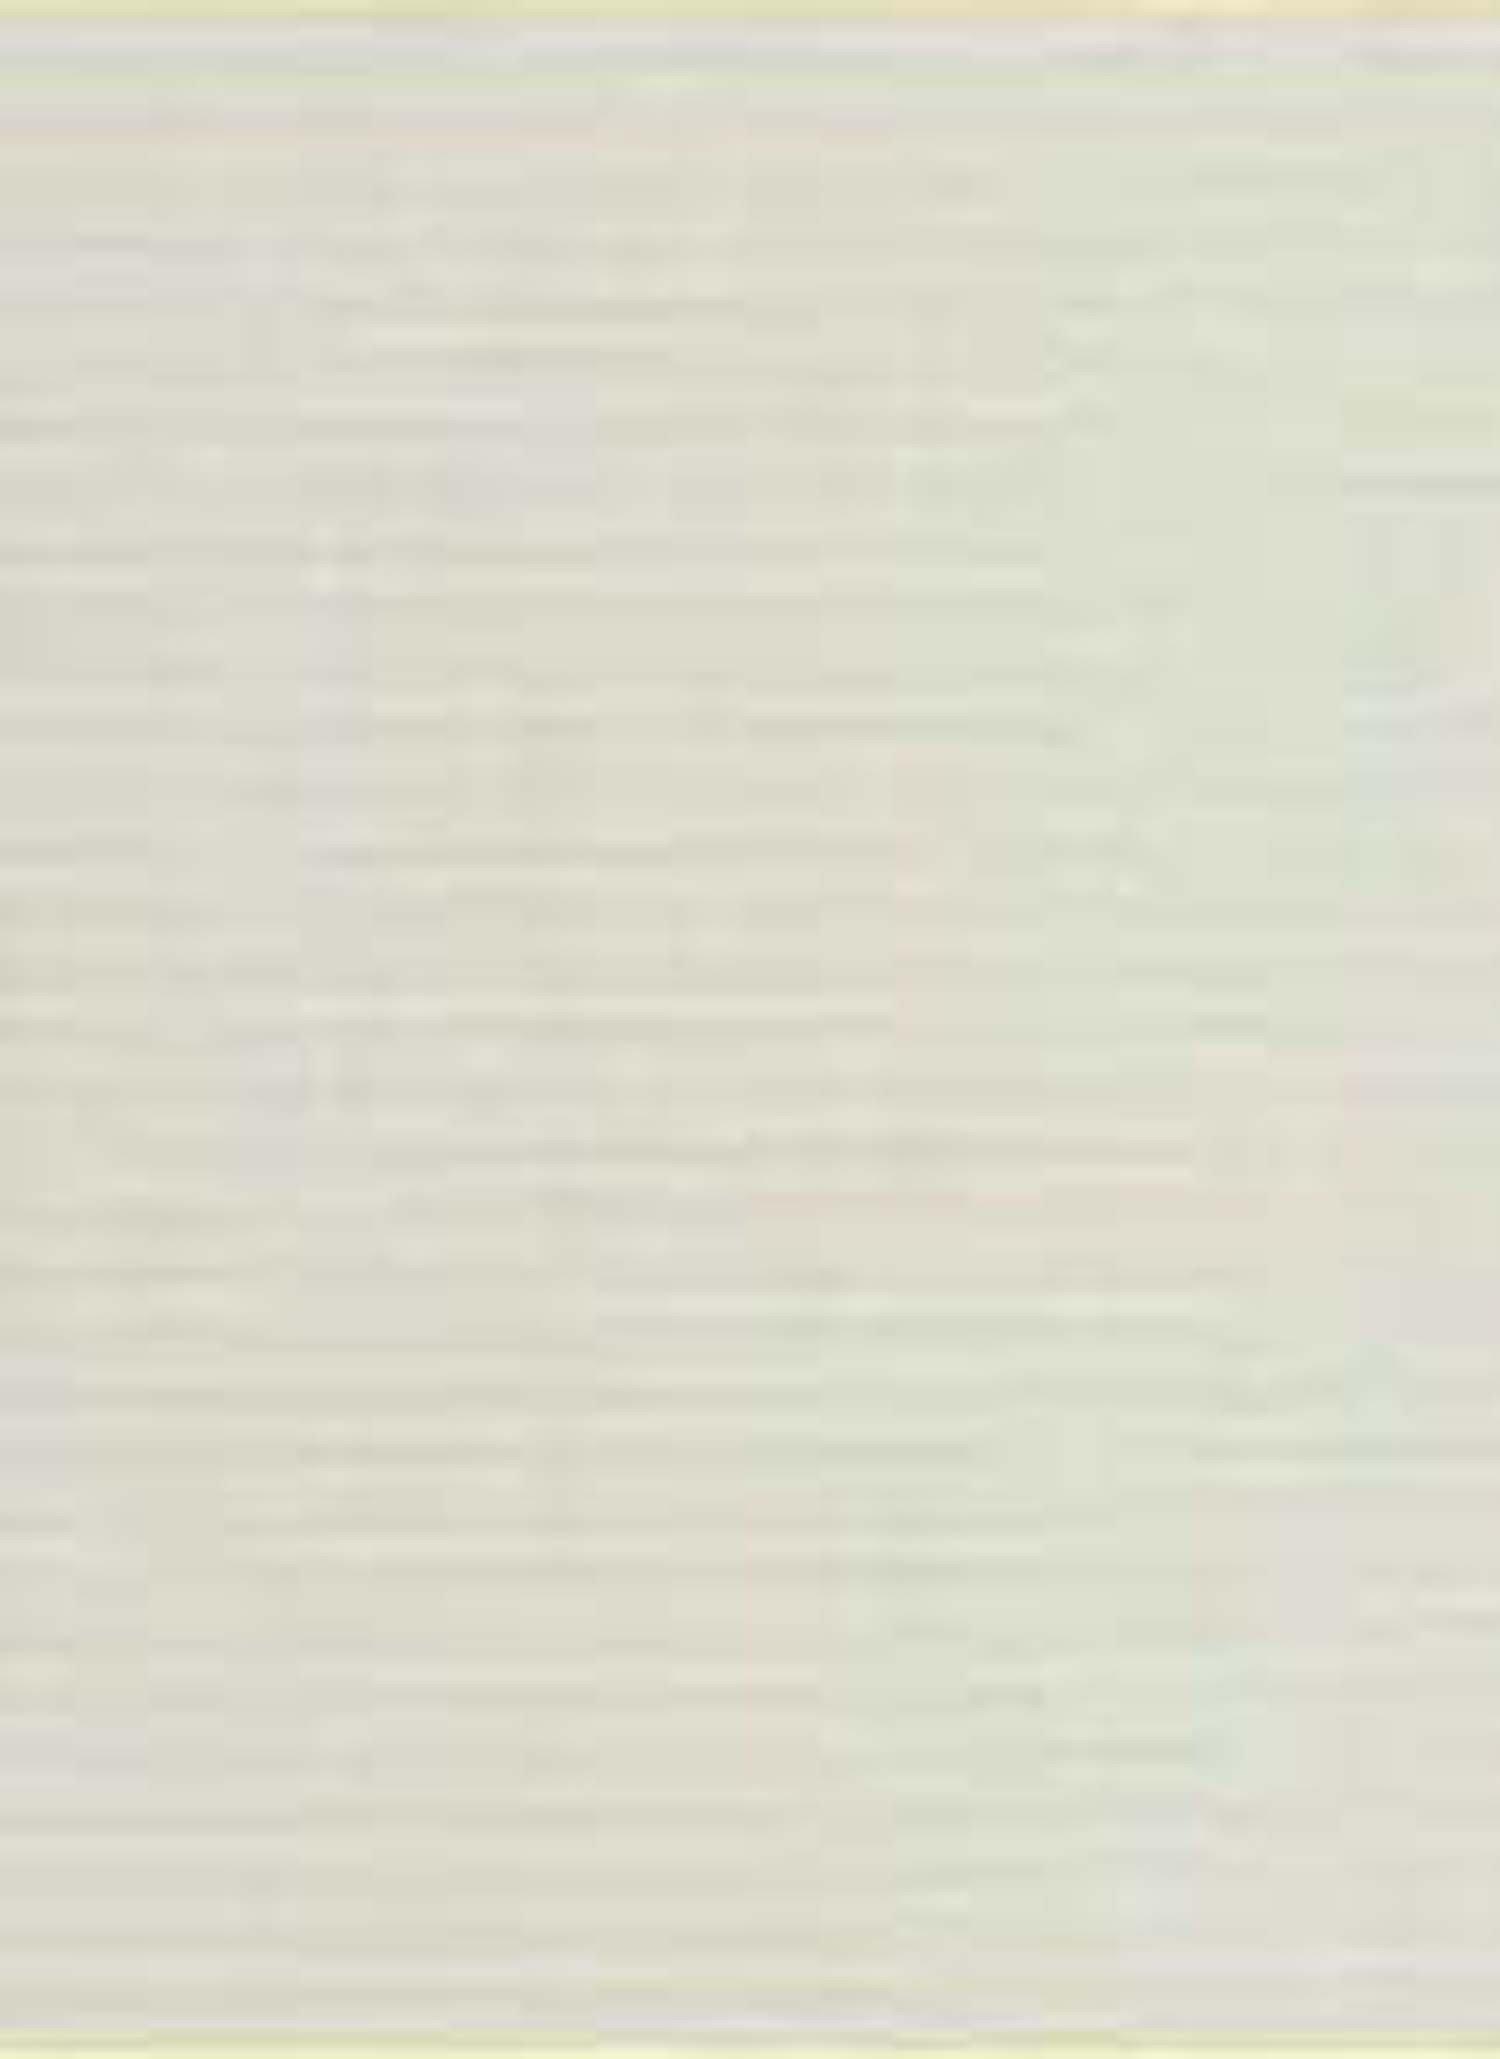 Easyfix Doppelr.crème 45x150cm - 3 - Ronja.ch